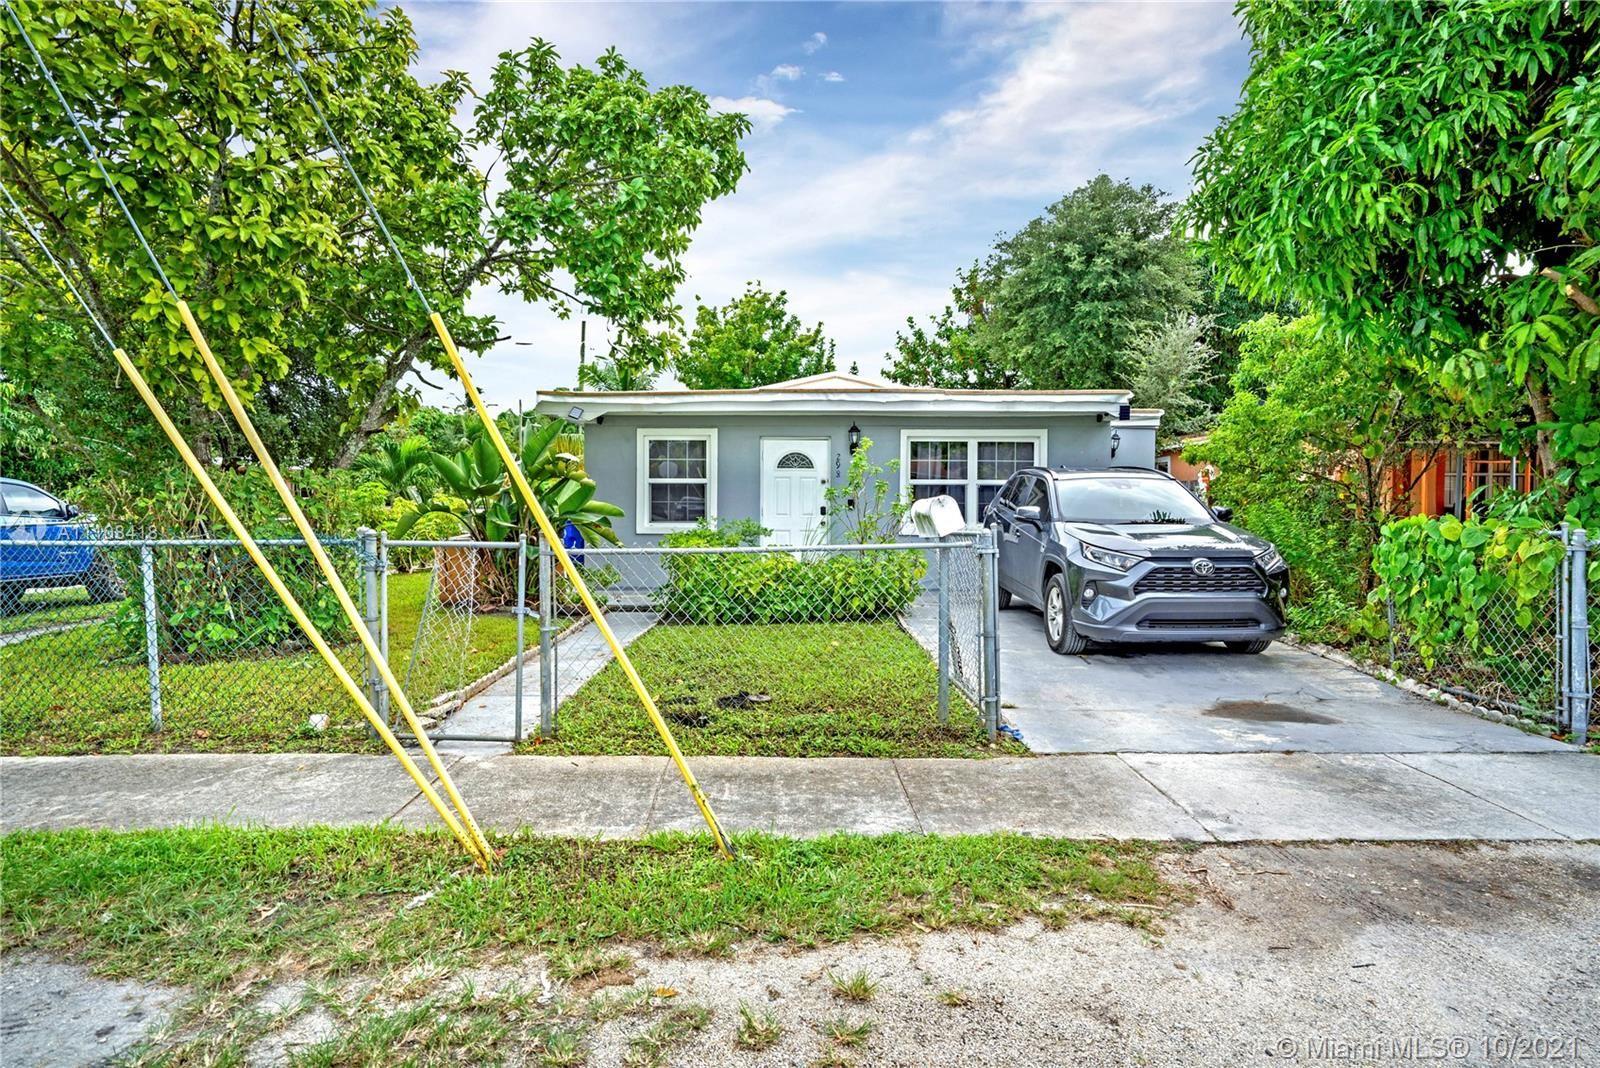 298 NE 174th St, North Miami Beach, FL 33162 - #: A11108418